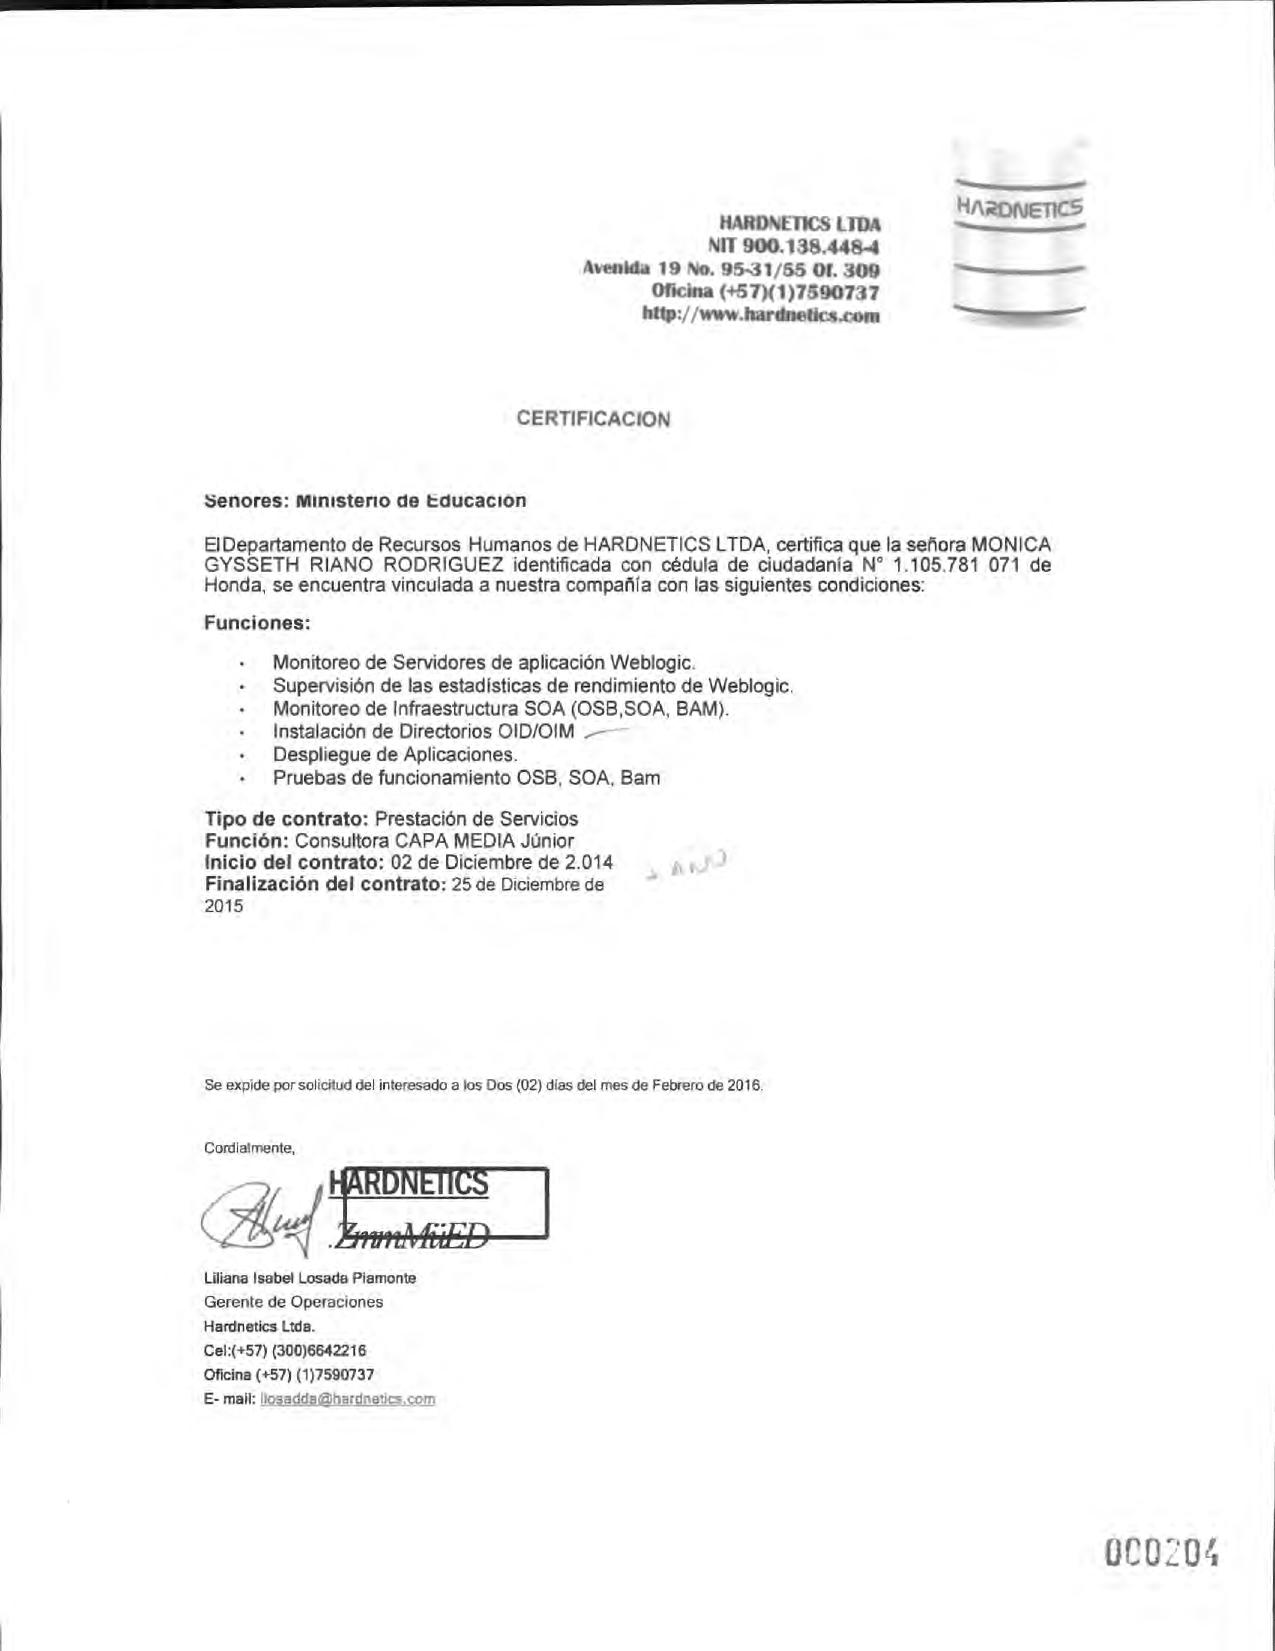 00O204 - Colombia Compra Eficiente | manualzz.com